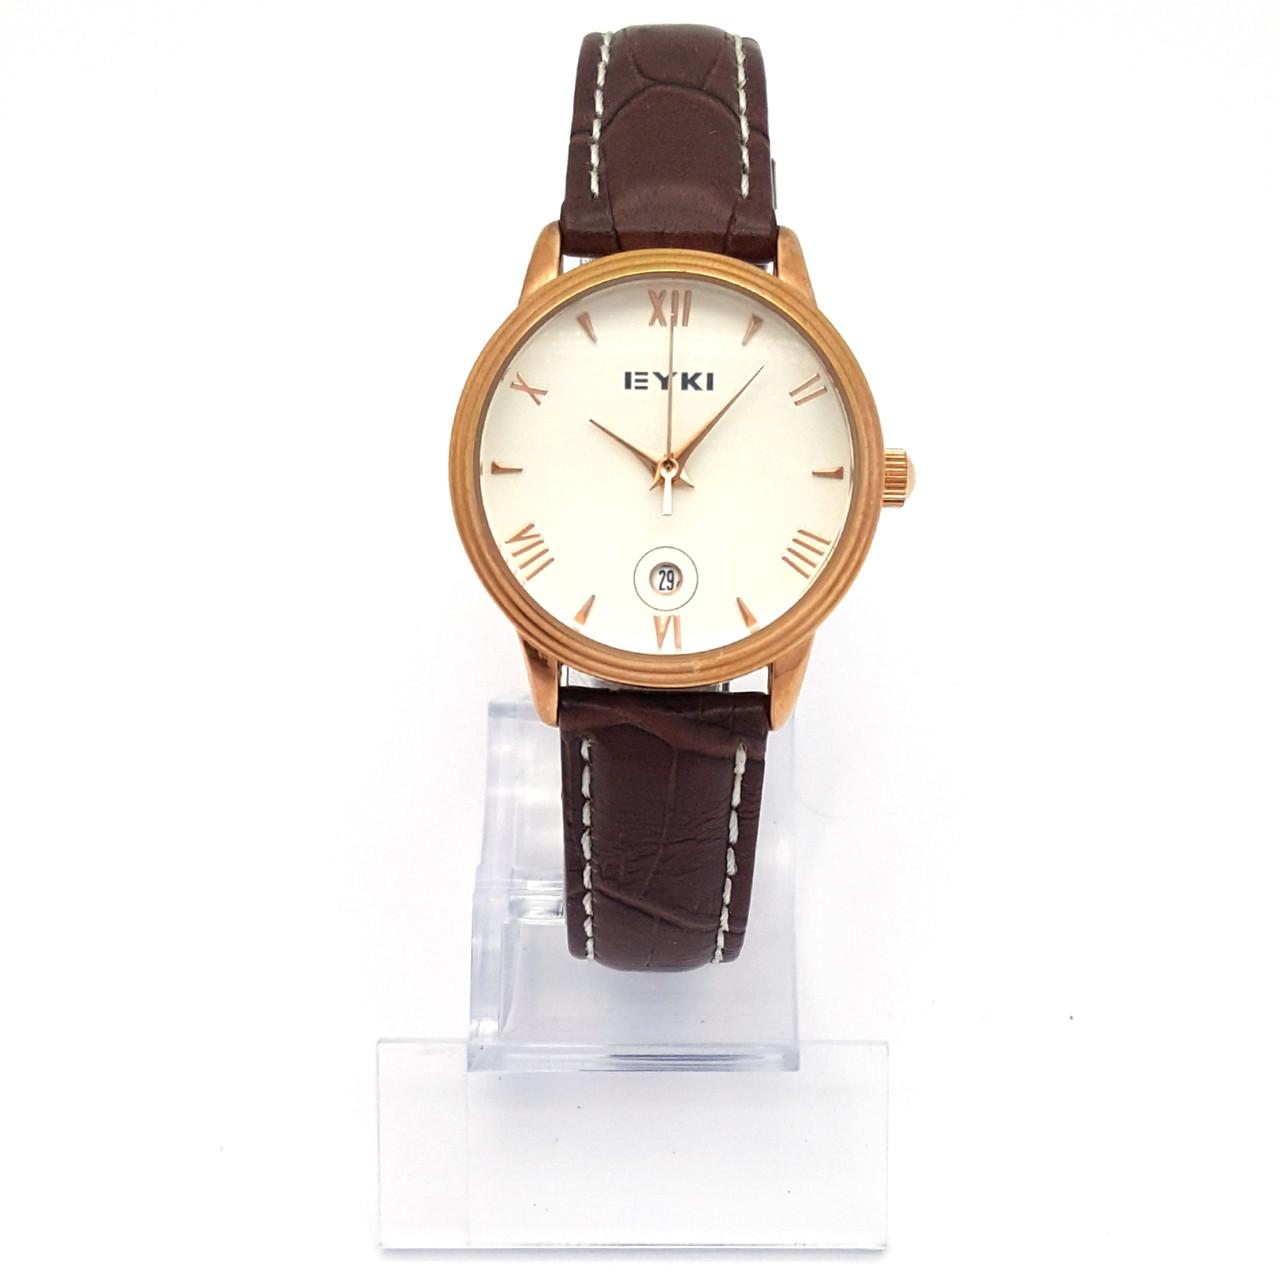 Часы EYKI Золотистые, коричневый ремешок, длина ремешка 15-18,5см, циферблат 28мм